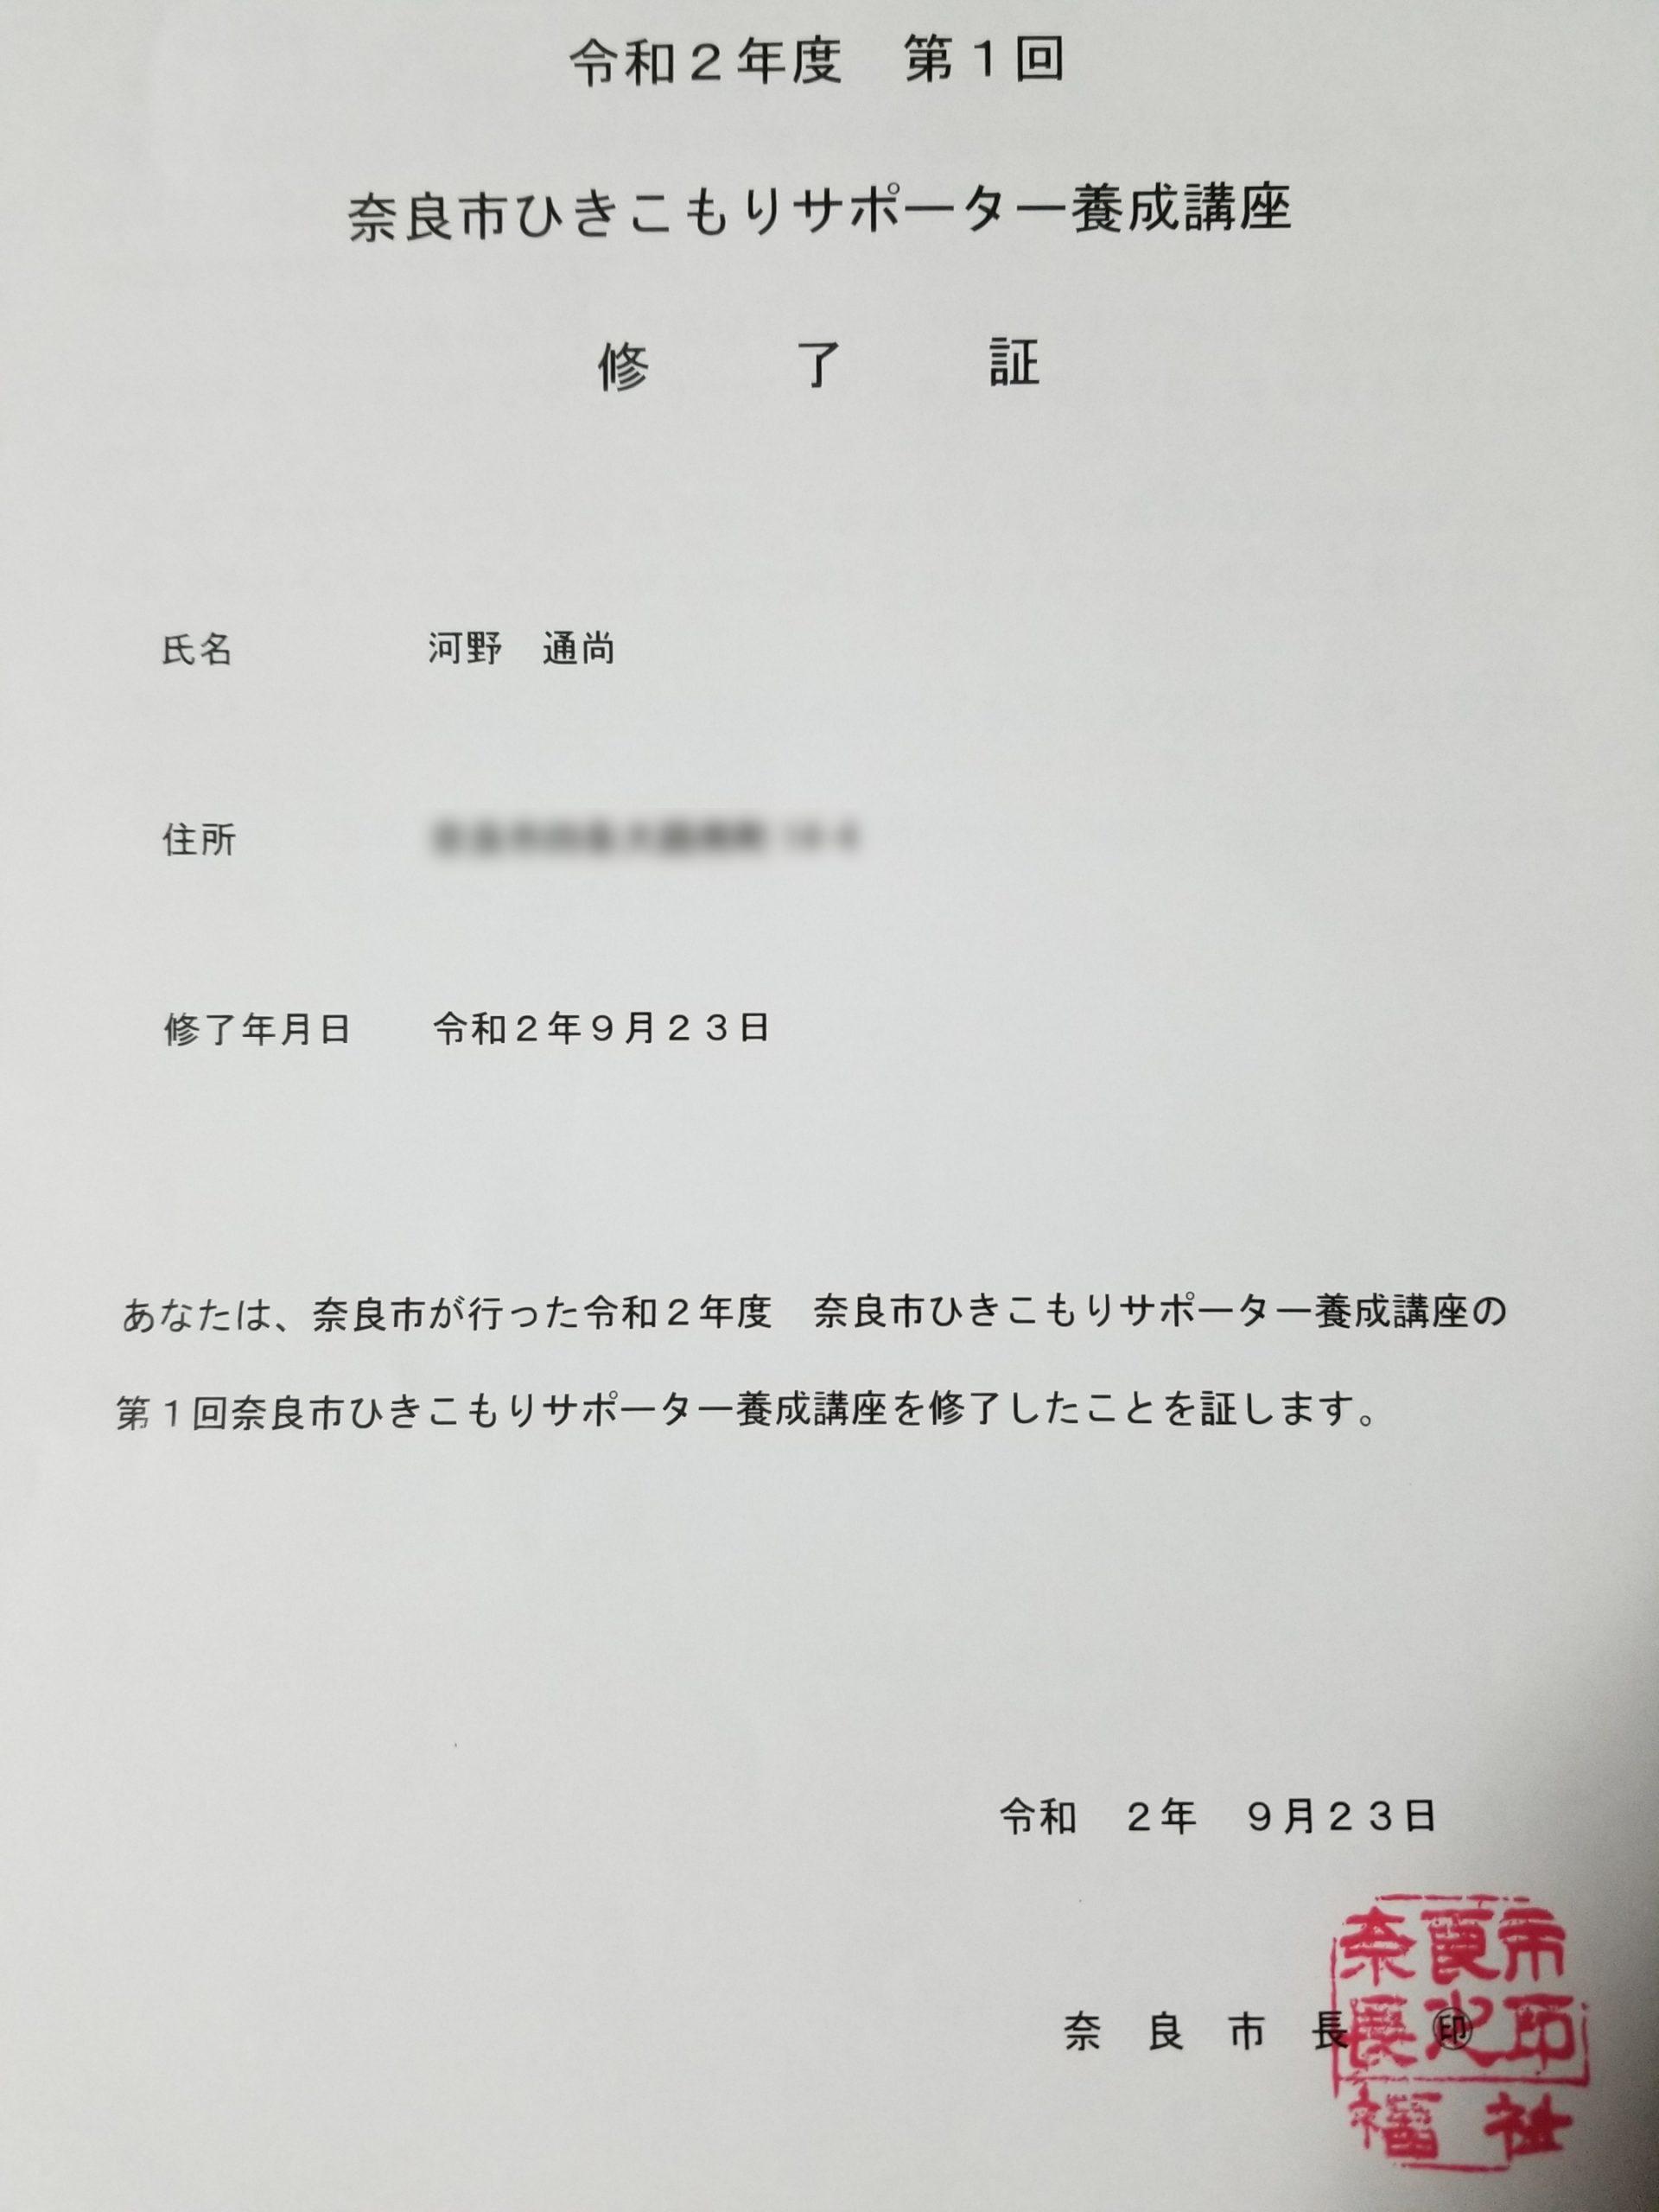 奈良市ひきこもりサポーター養成講座 修了証